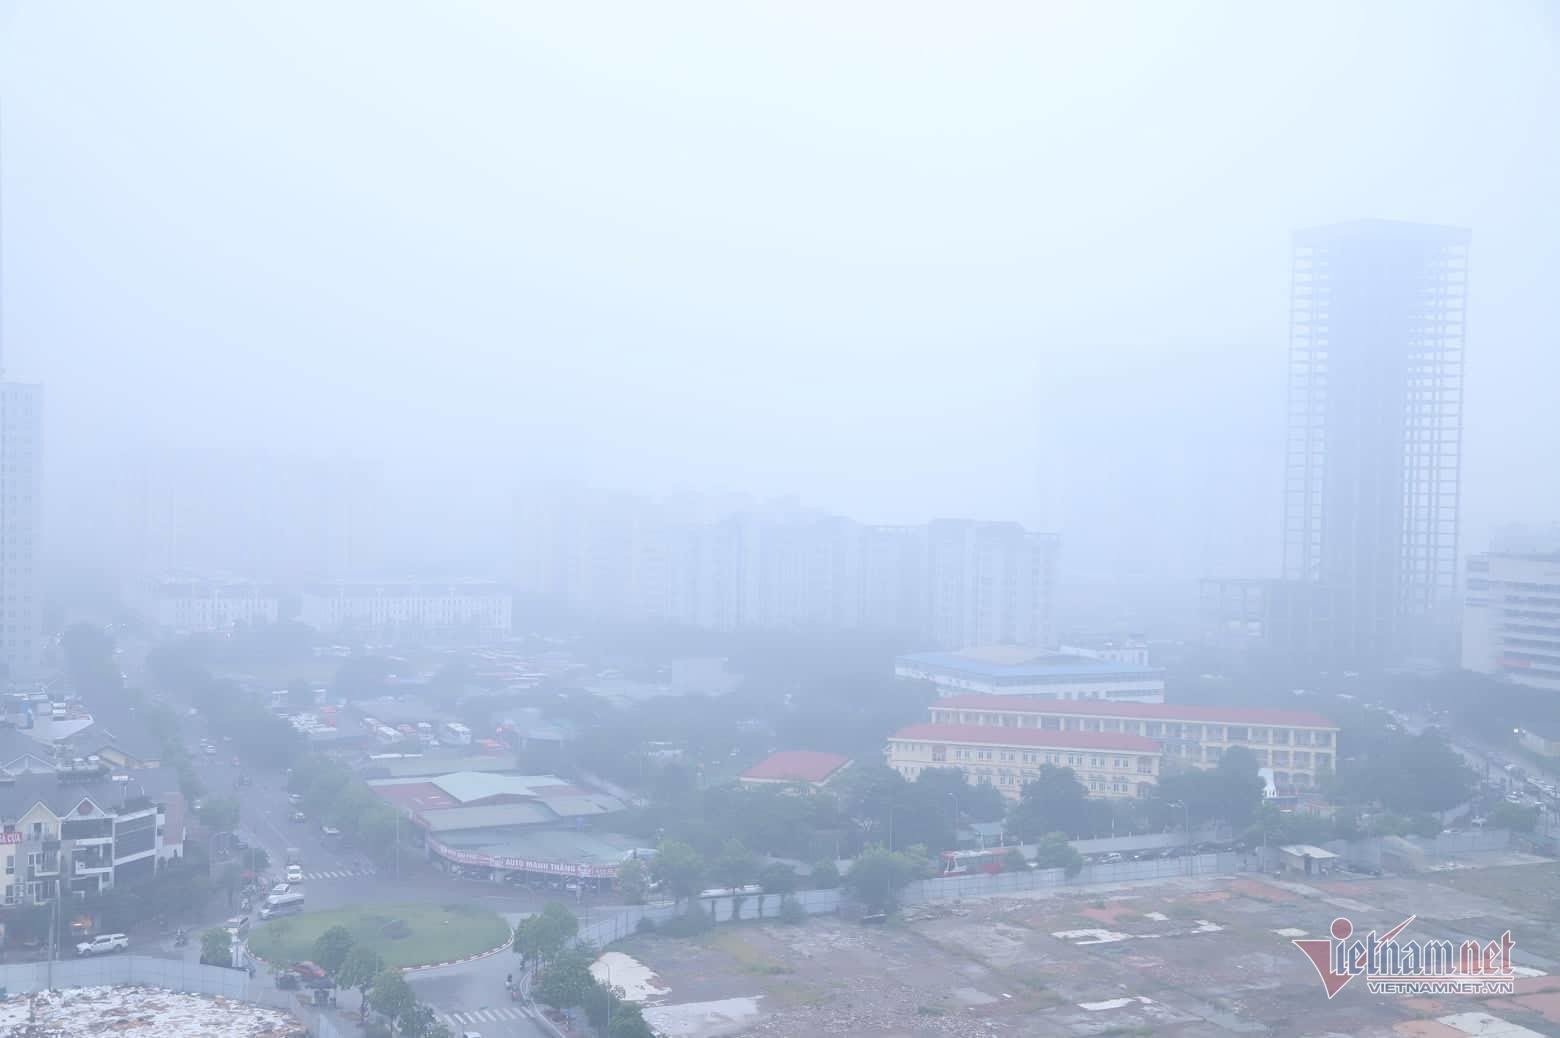 Sương mù giăng phủ Hà Nội, cao ốc mất hút Ảnh 3